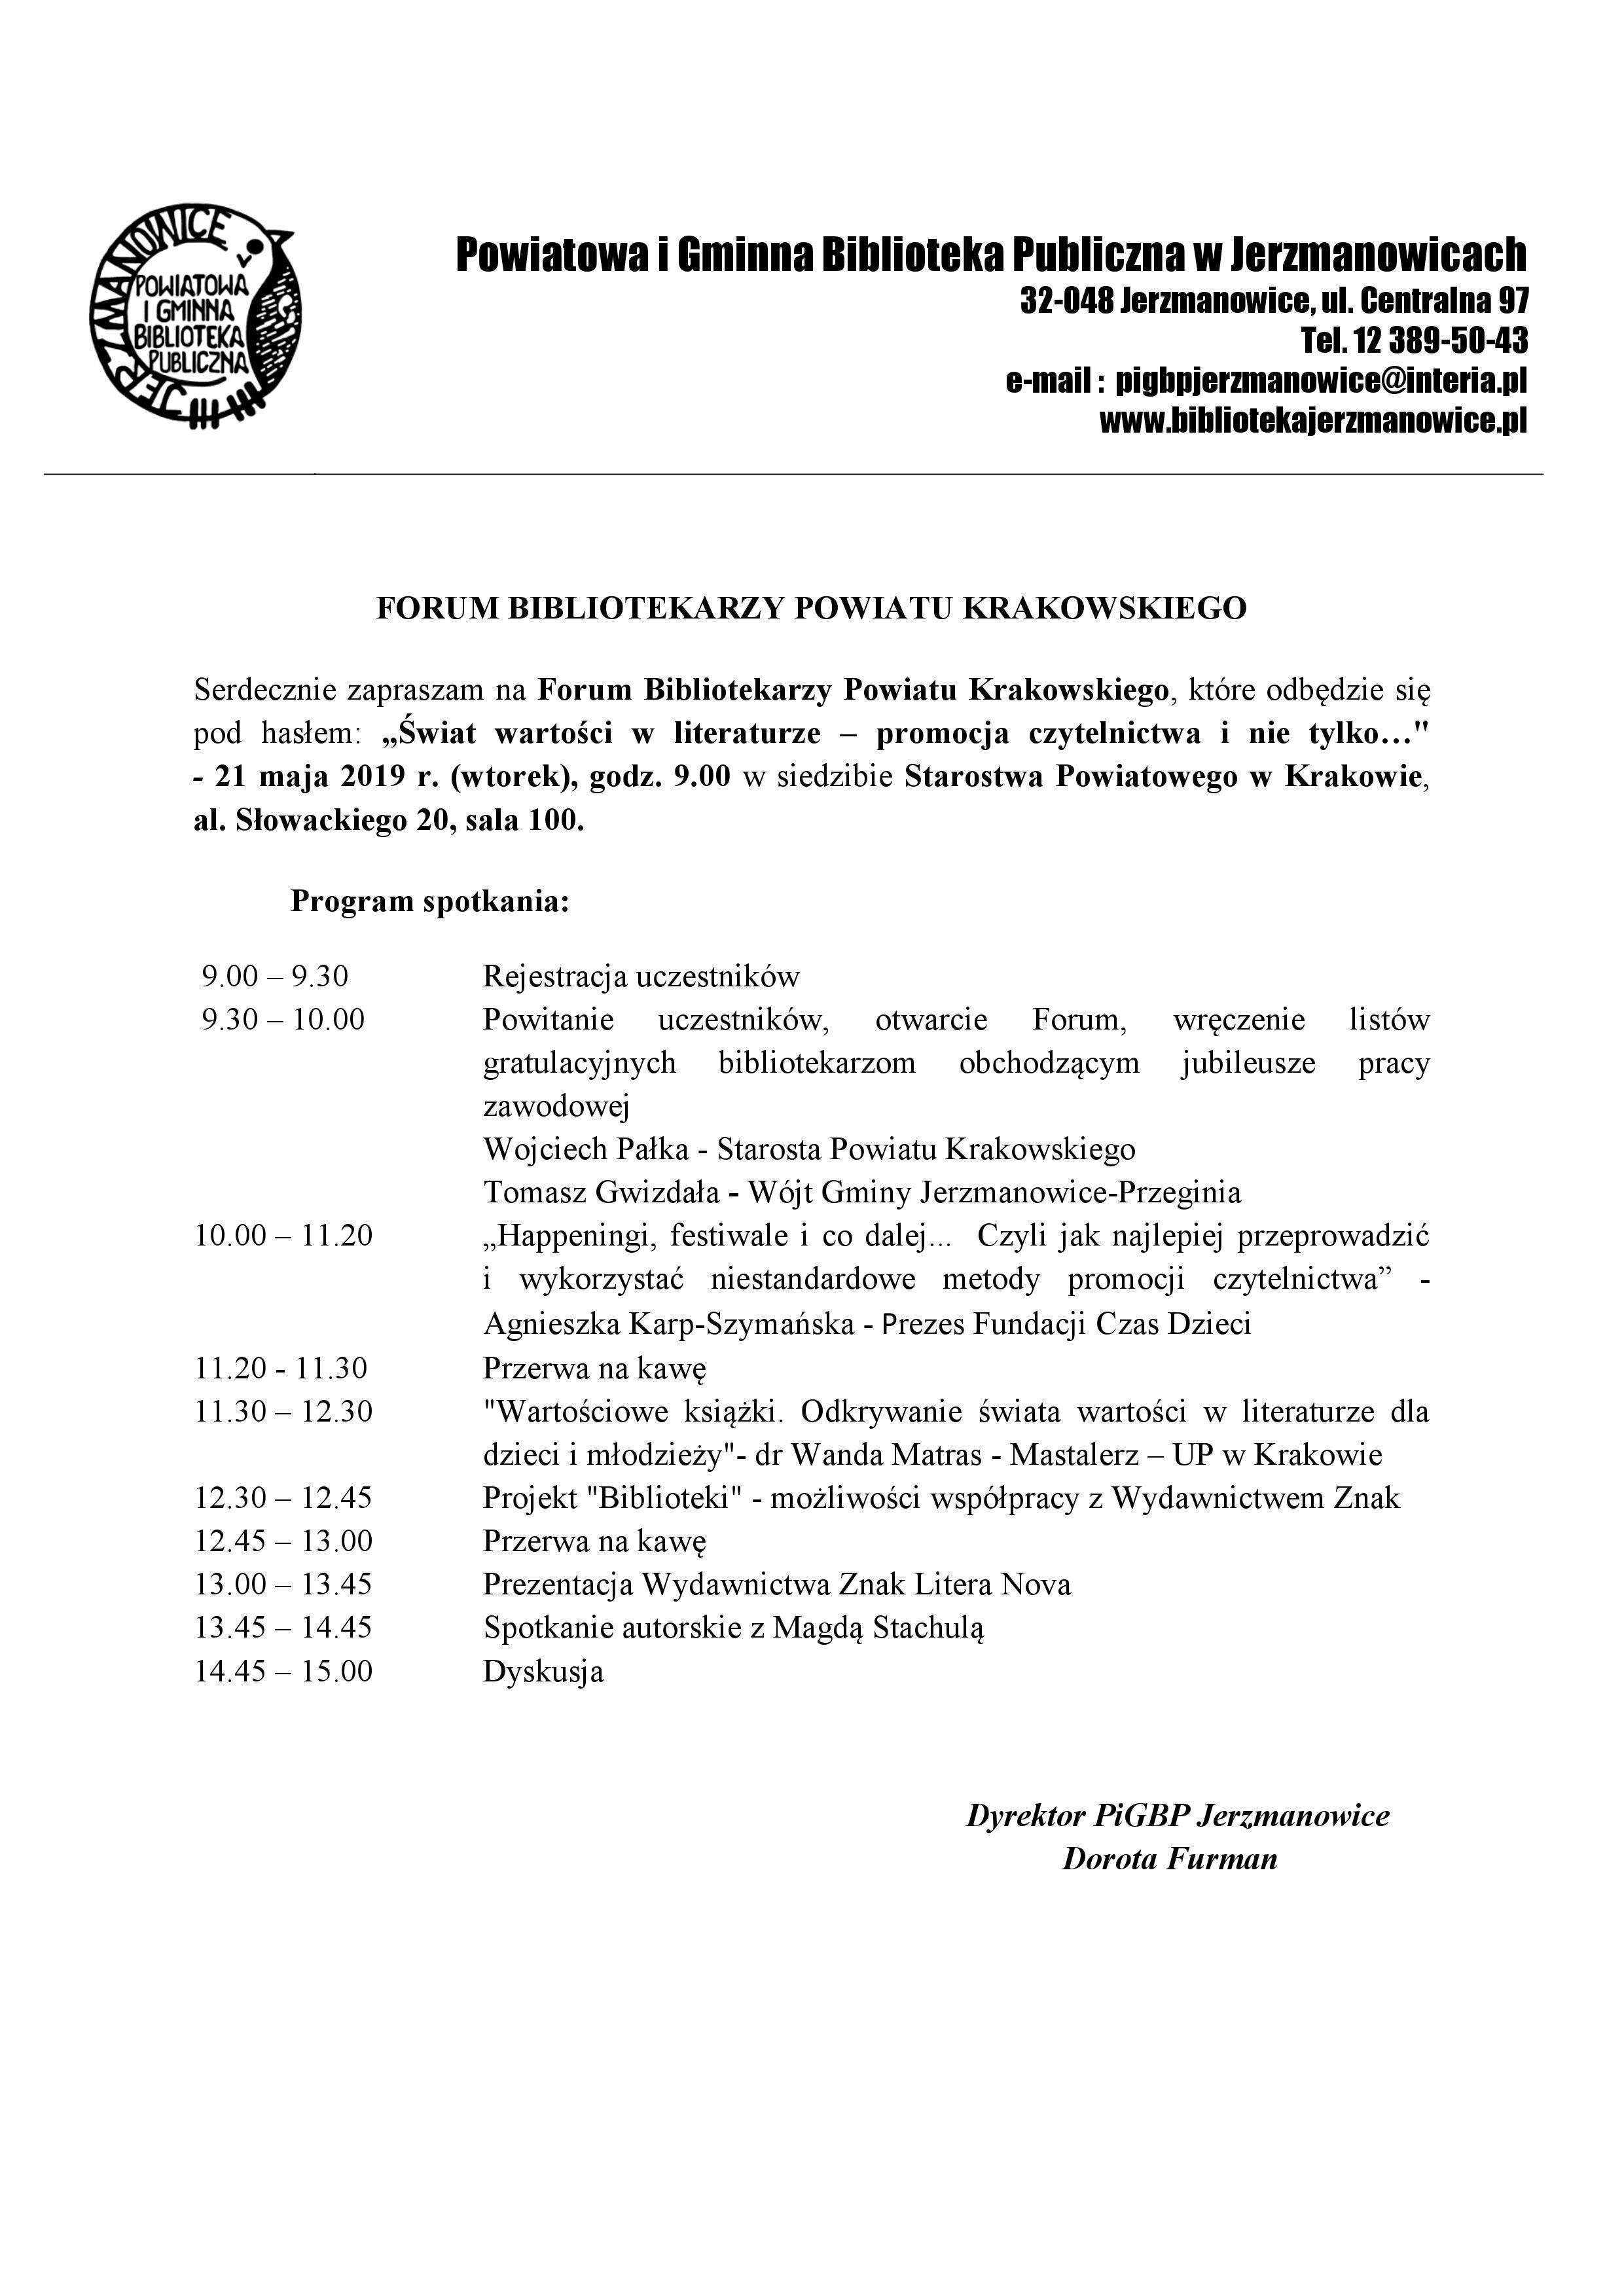 Forum Bibliotekarzy Powiatu Krakowskiego @ Starostwo Powiatowe w Krakowie, sala 100 | Kraków | małopolskie | Polska